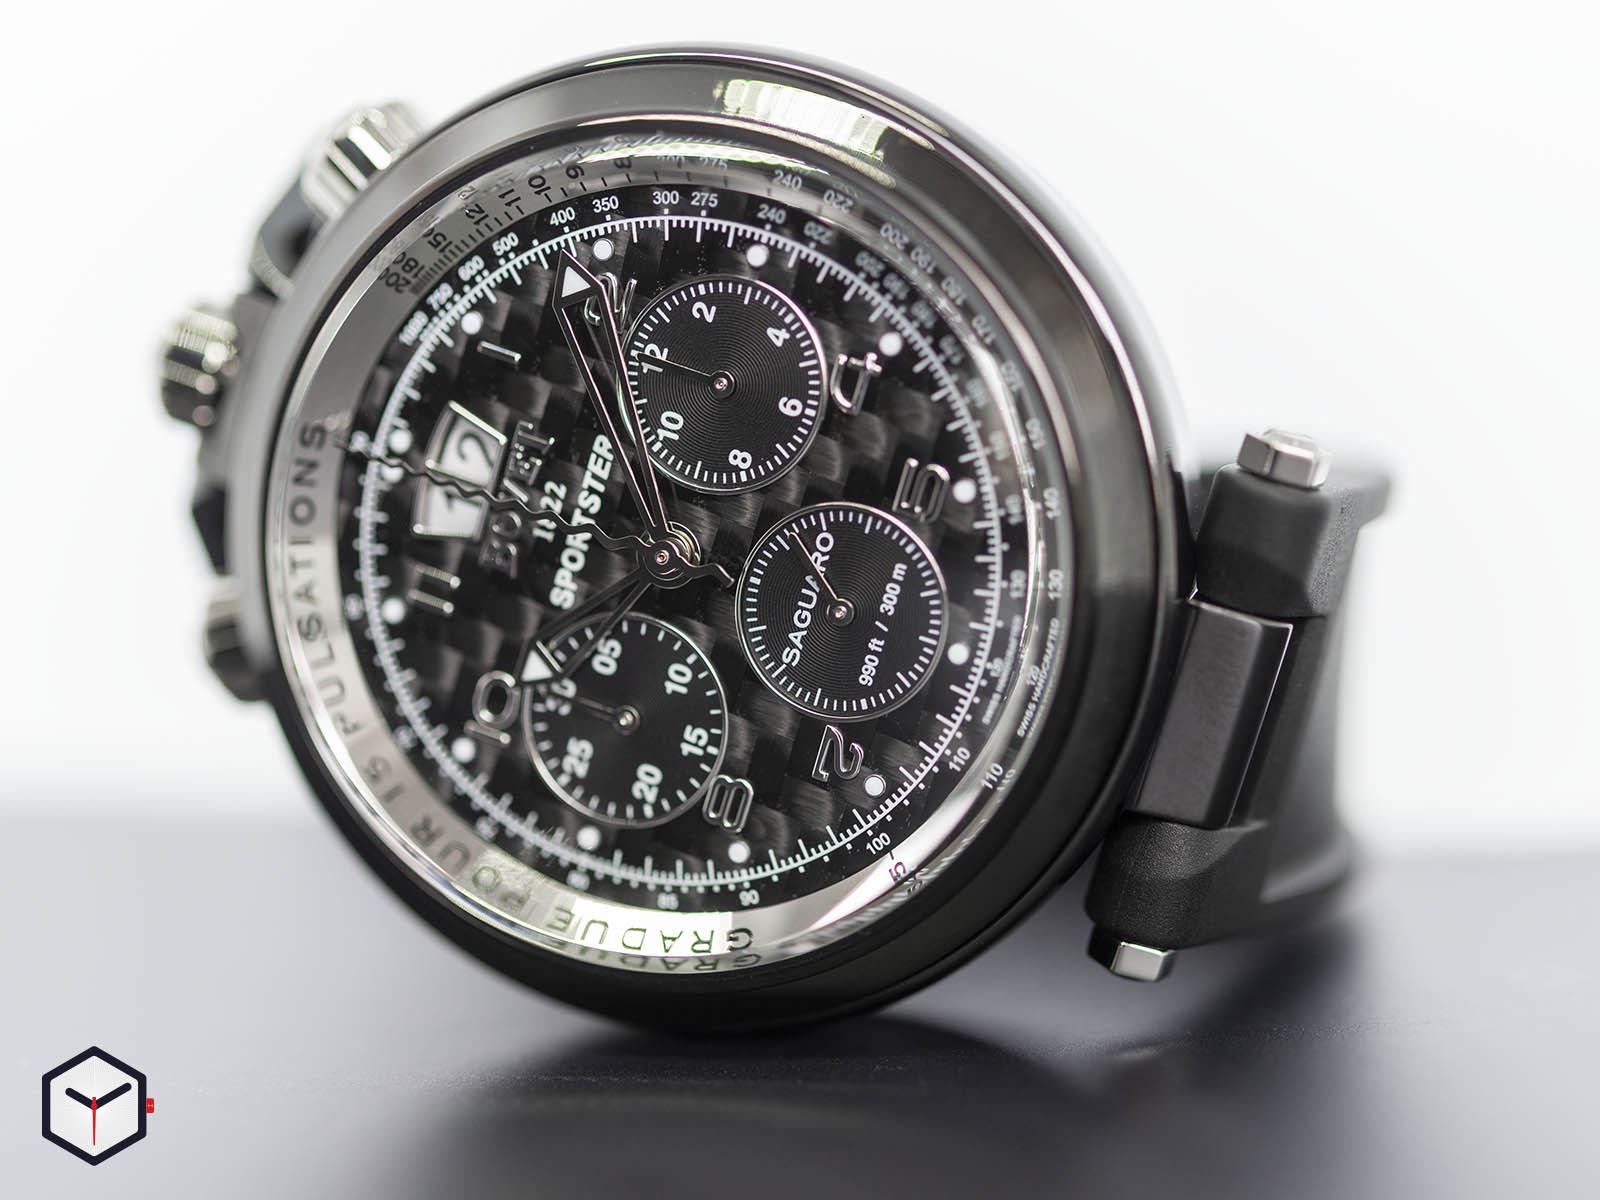 sp0466-bovet-sportster-saguaro-chronograph-2.jpg